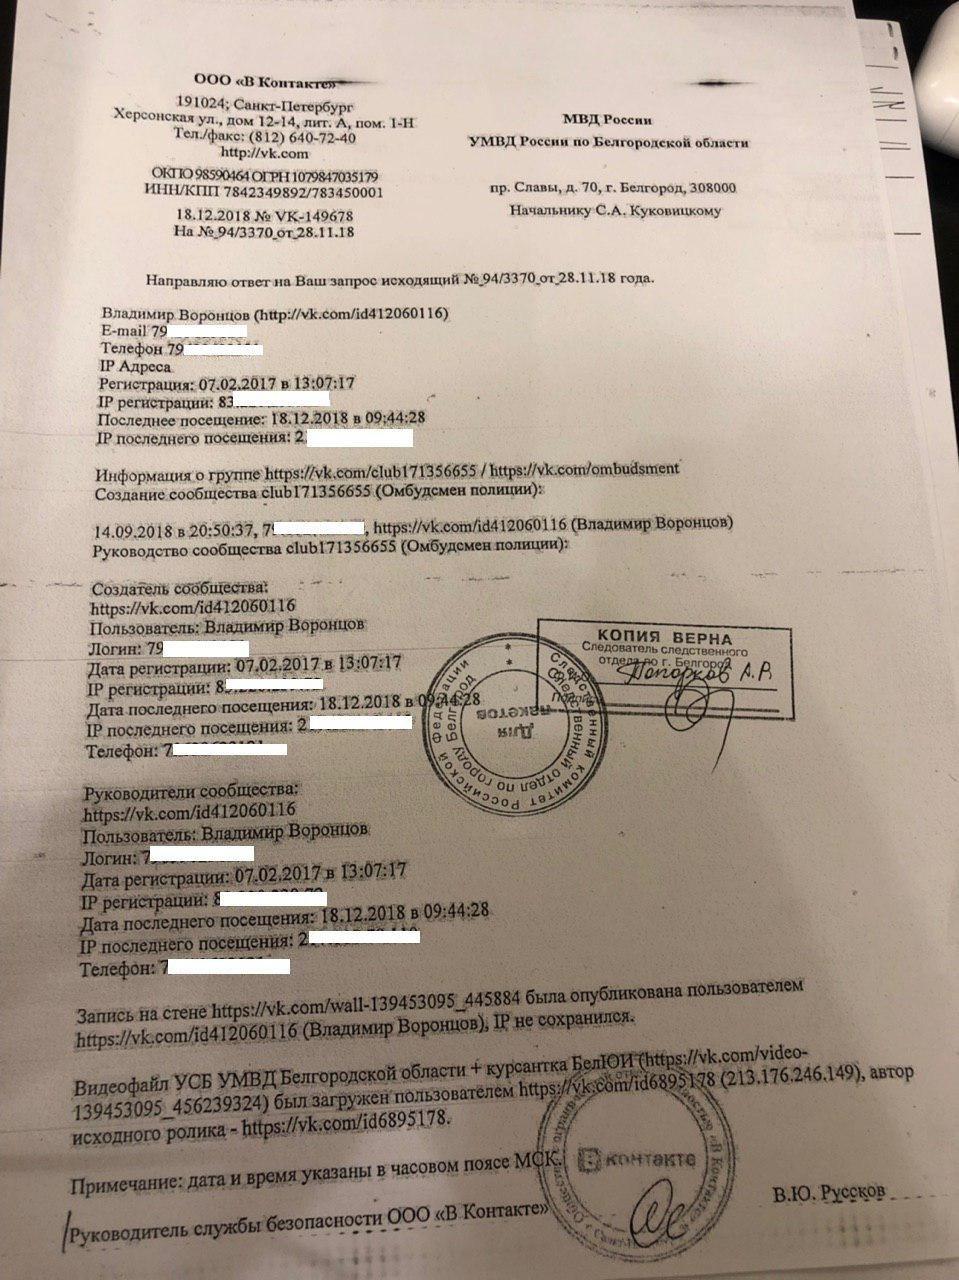 «Омбудсмен полиции» пожаловался в суд на «ВКонтакте» за выдачу персональных данных, фото-1